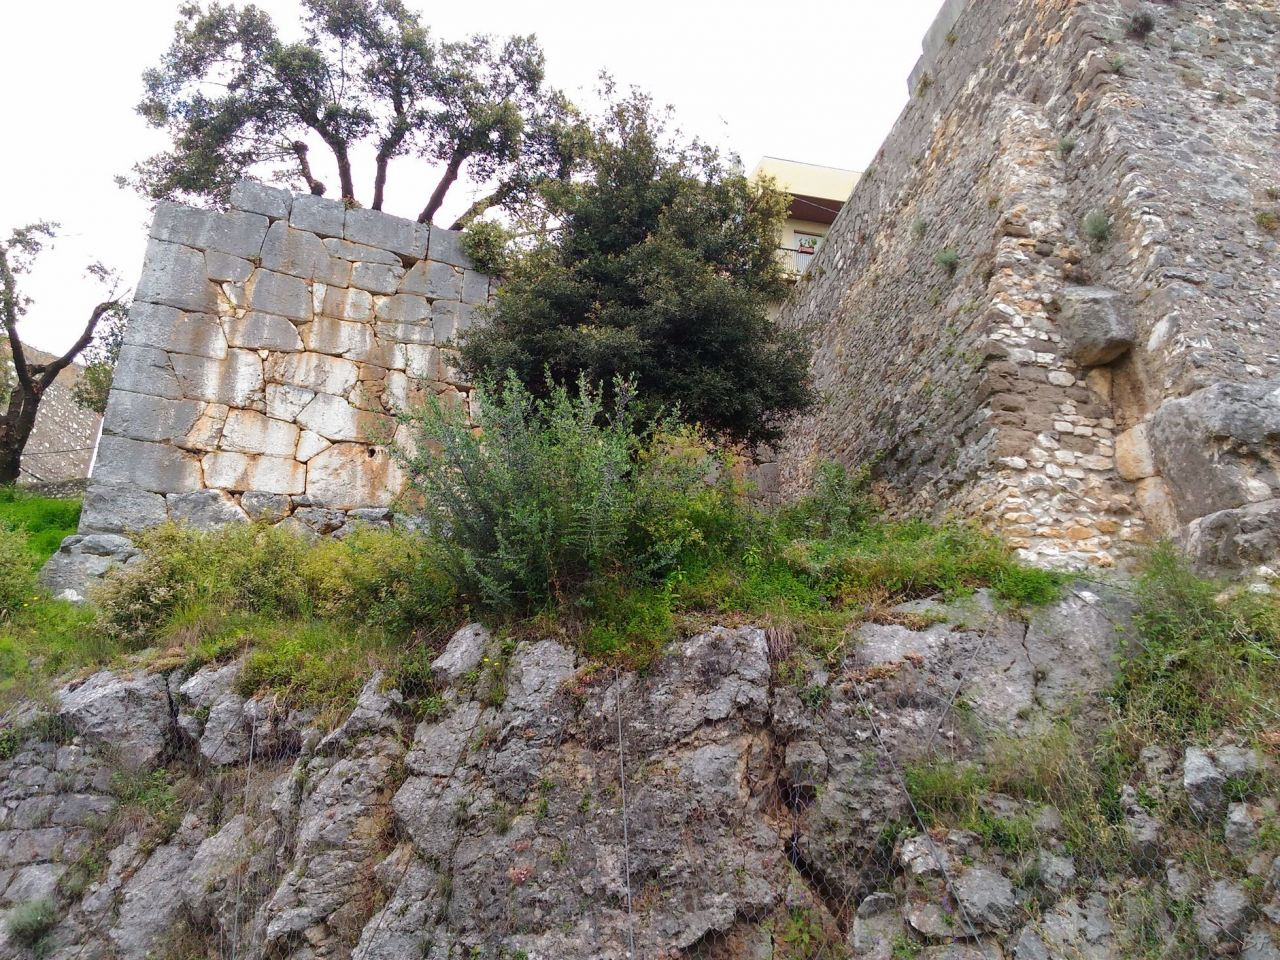 Cora-Mura-Poligonali-Megalitiche-Cori-Latina-Lazio-Italia-9